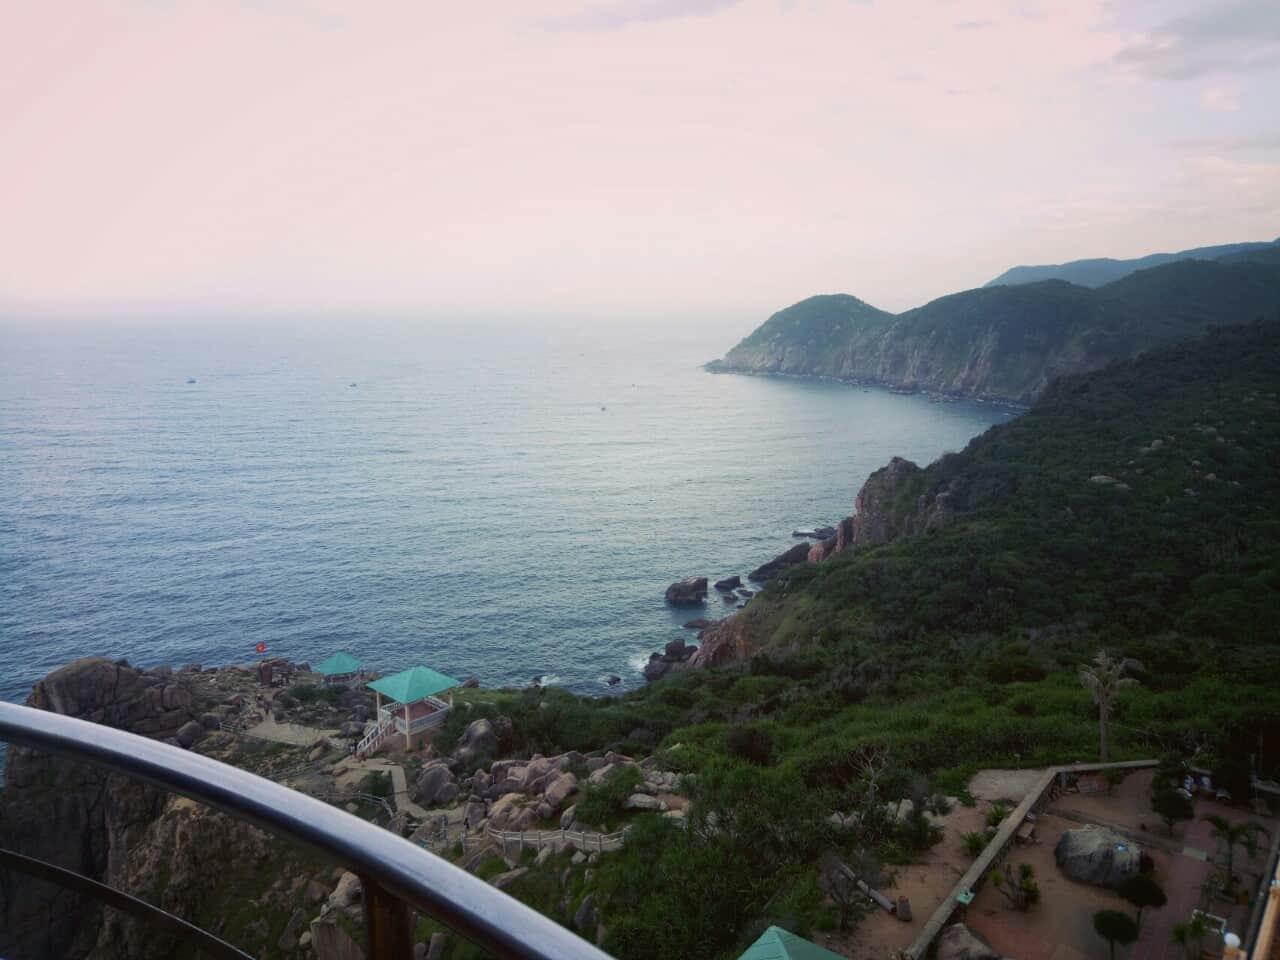 Cảnh đẹp thu nhỏ khi từ ngọn hải đăng nhìn xuống